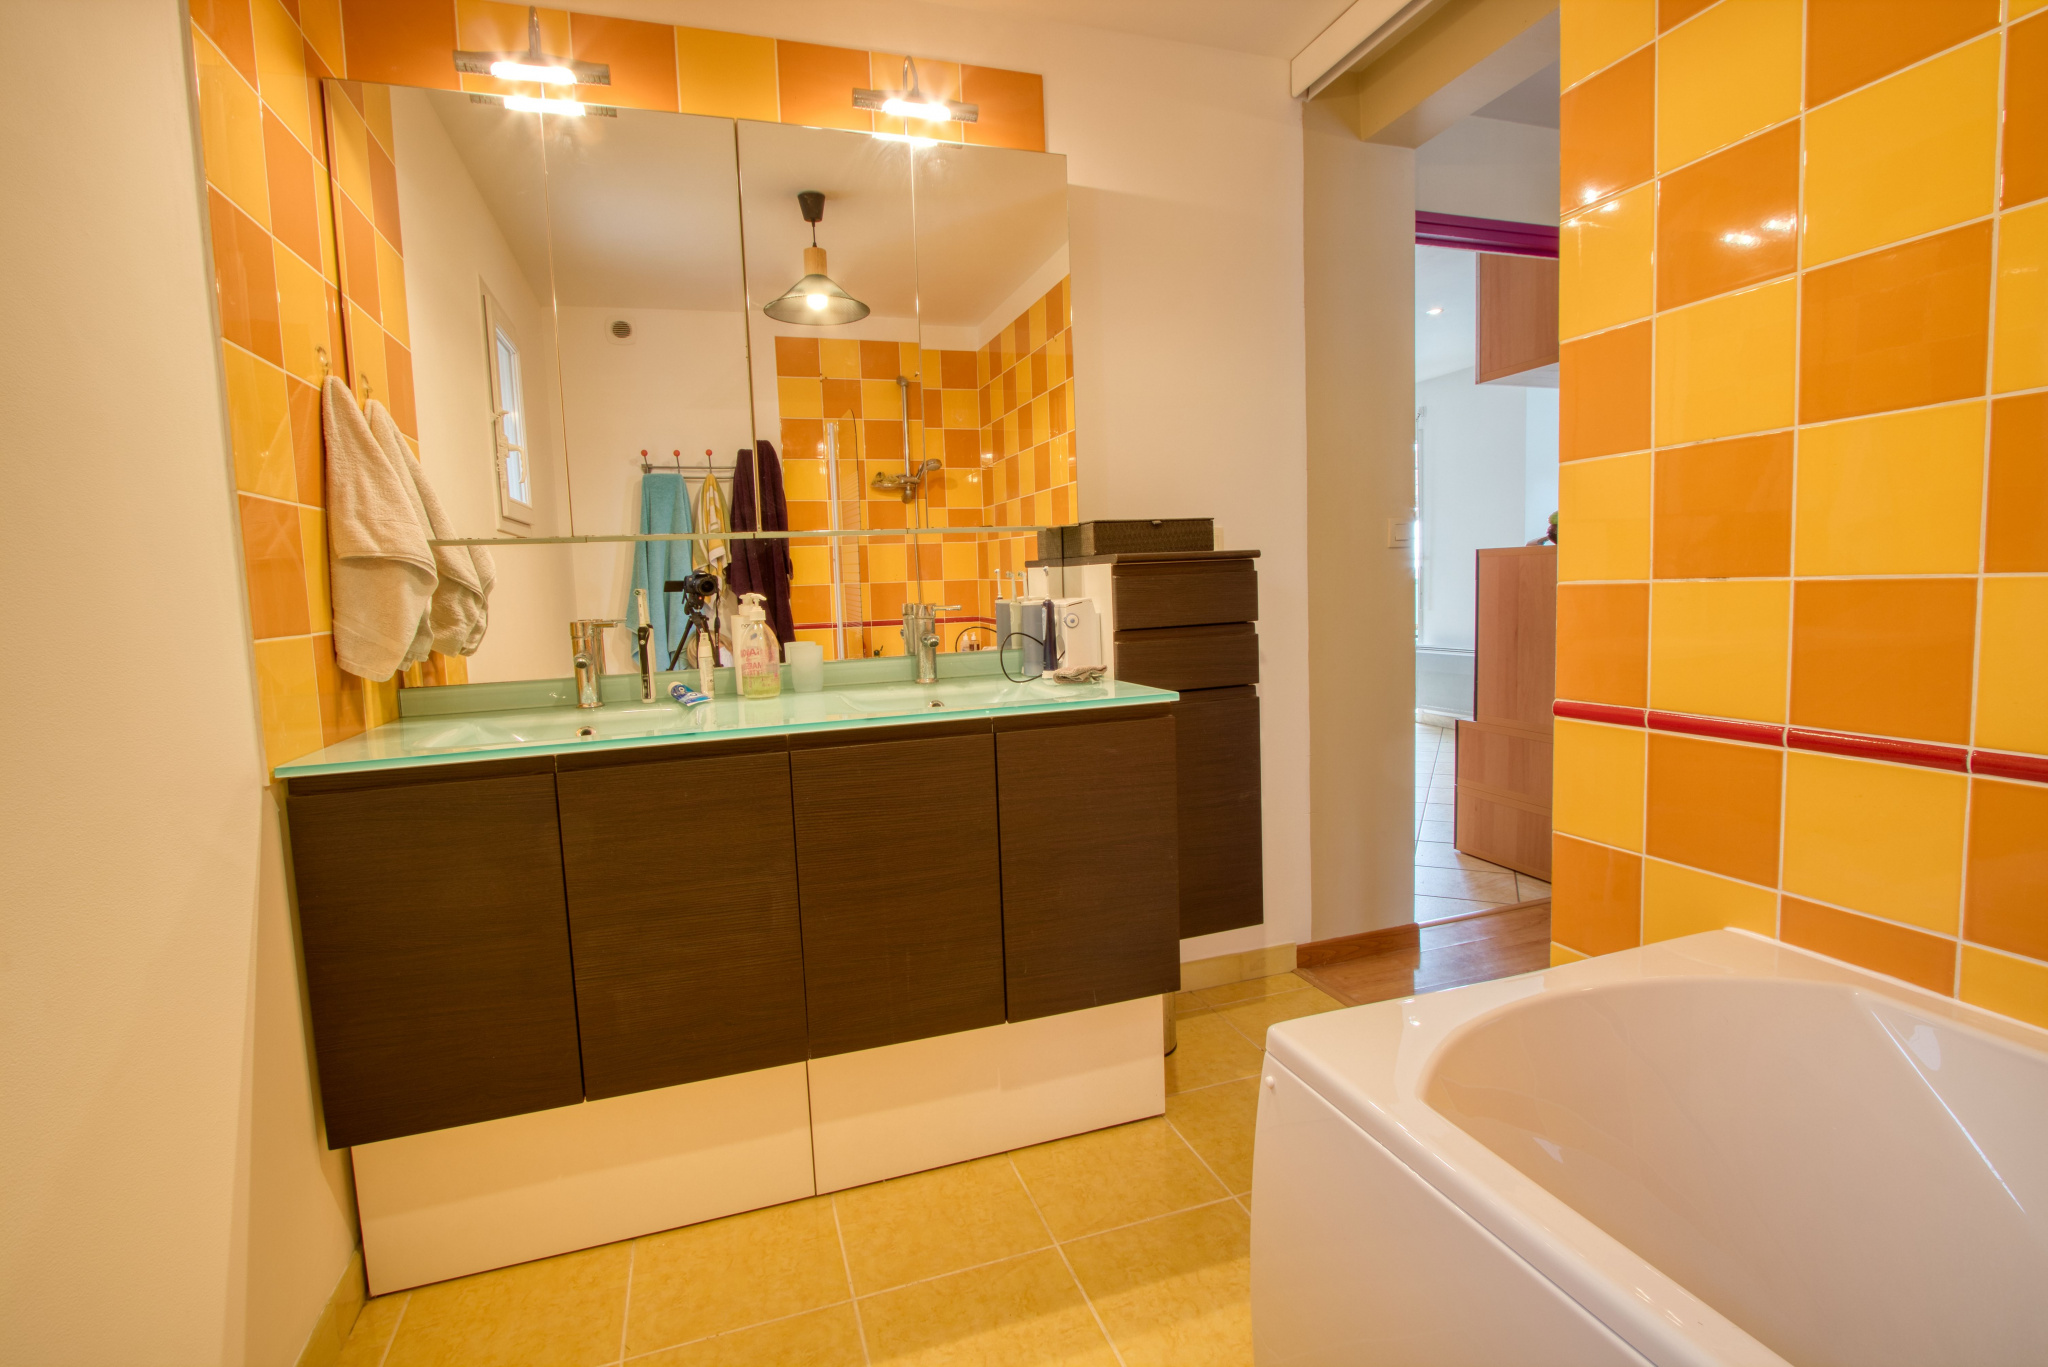 Salle de bain du bas 5,90 m2